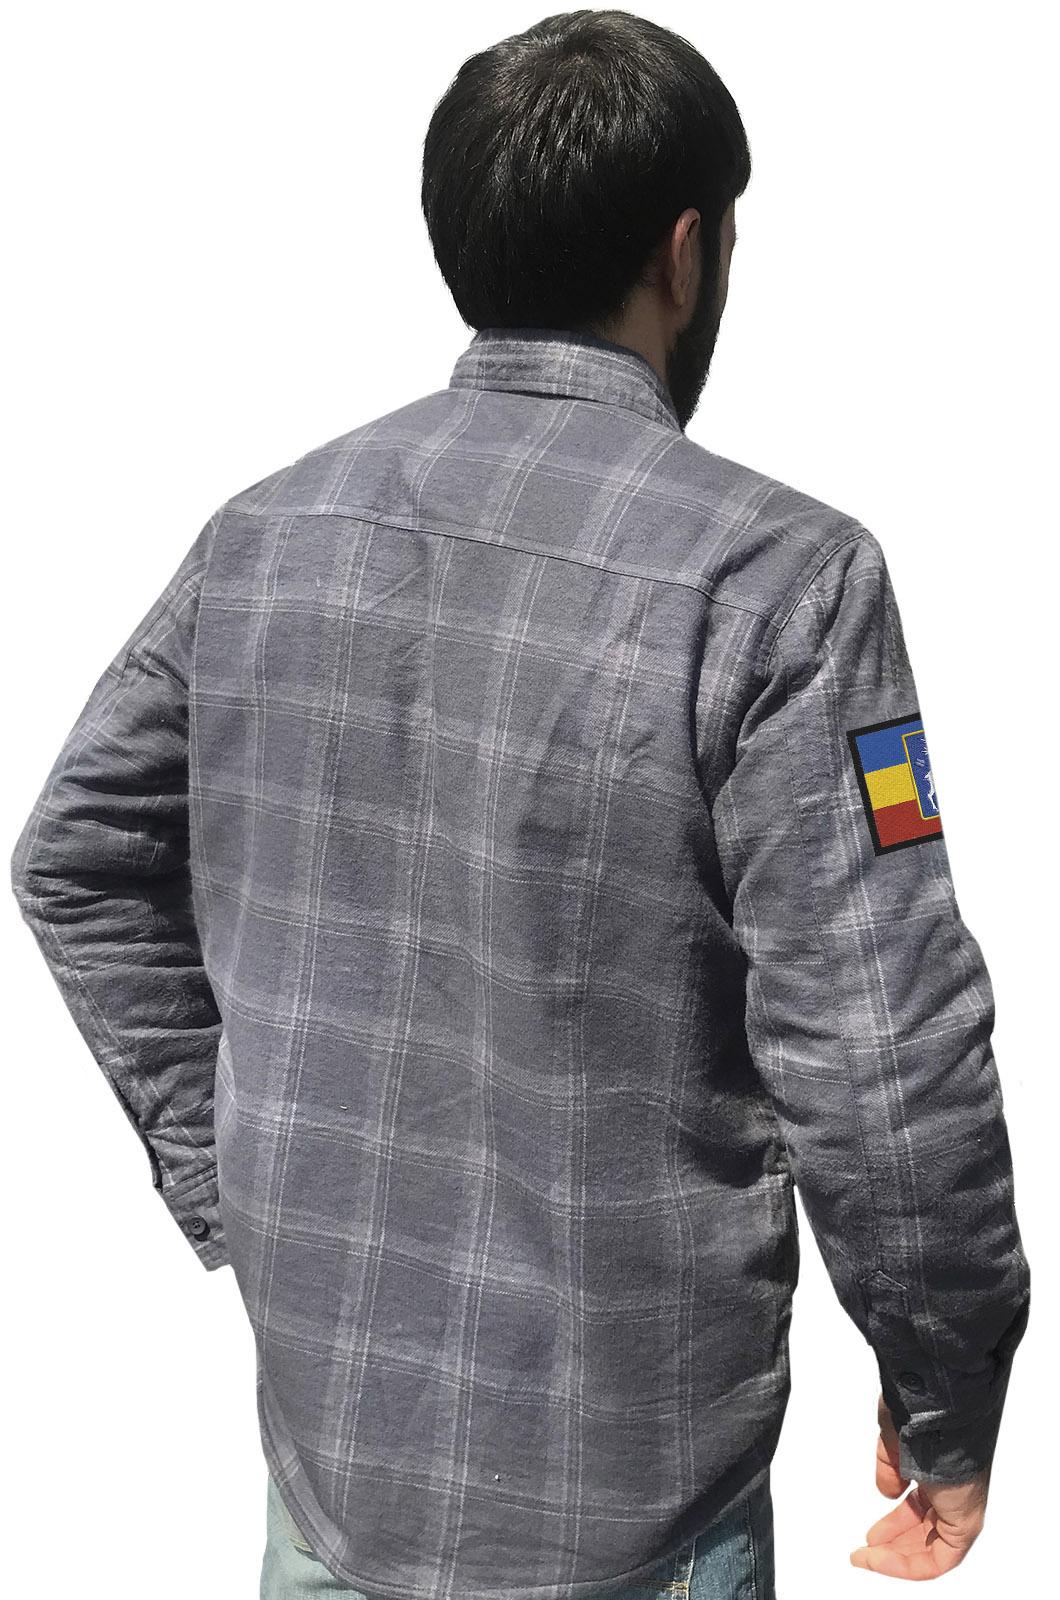 Купить строгую рубашку с вышитым казачьим шевроном Елень с доставкой выгодно